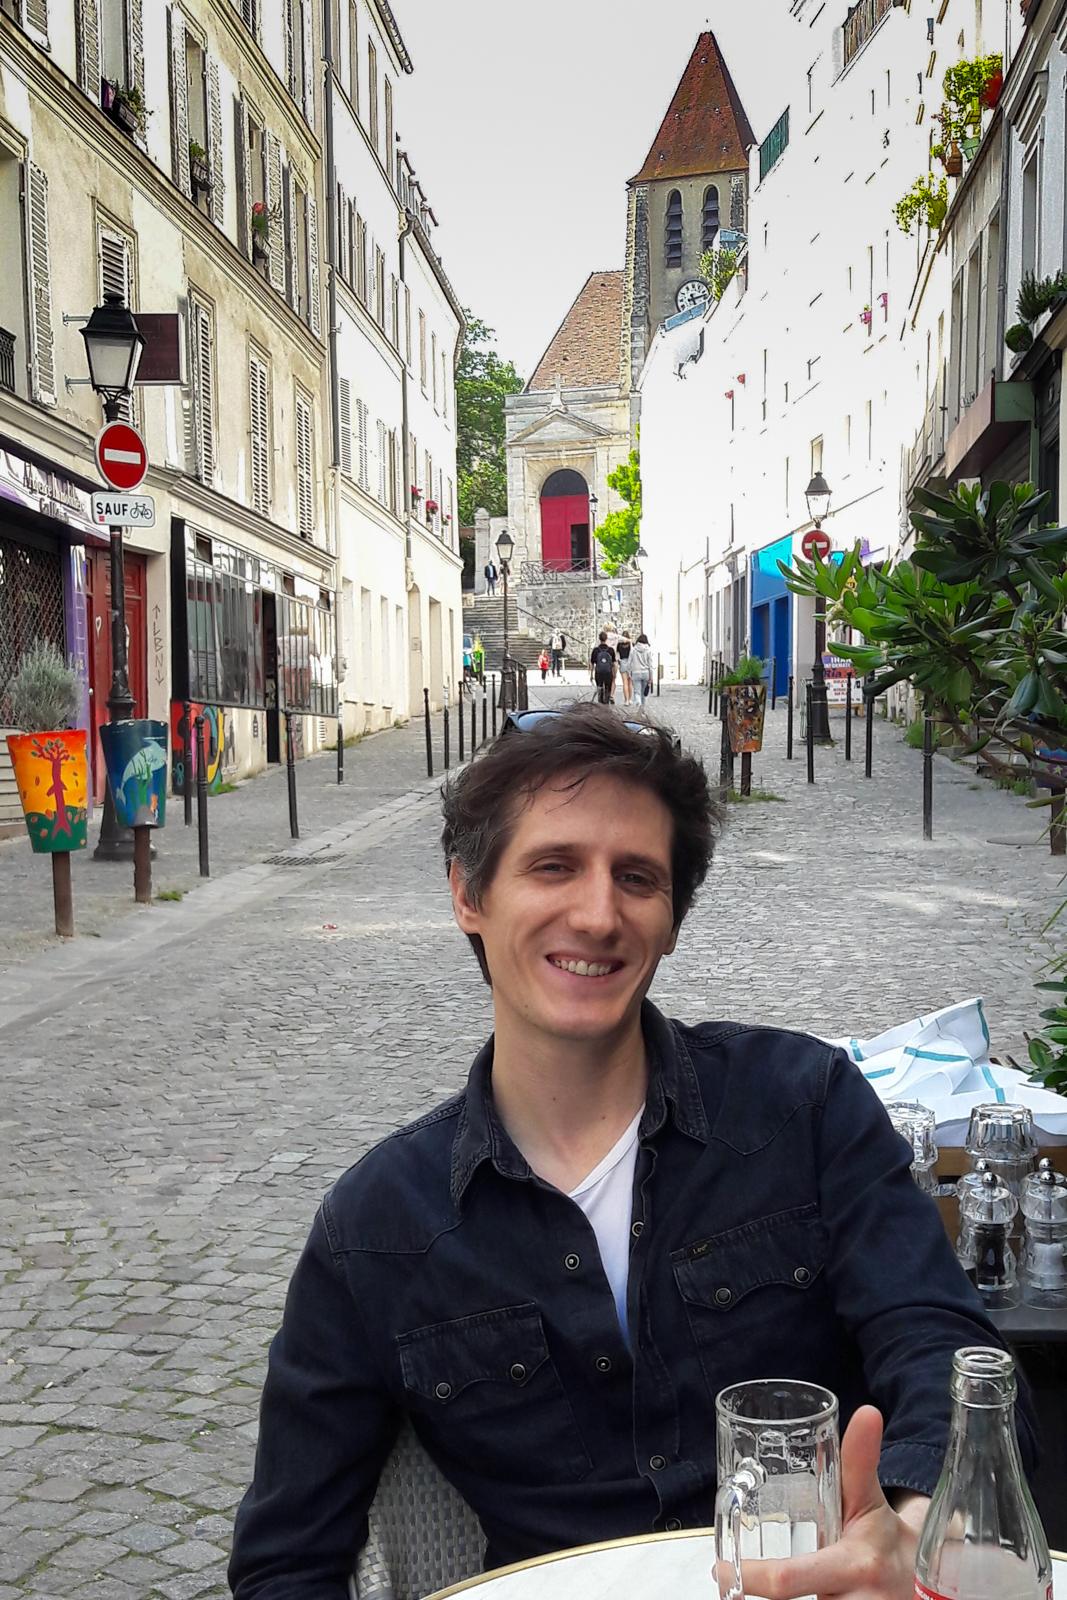 guide l'autre paris, paris 20, idée balade paris, paris insolite, paris autrement, paris secret,nicolas le goff, rue saint-blaise